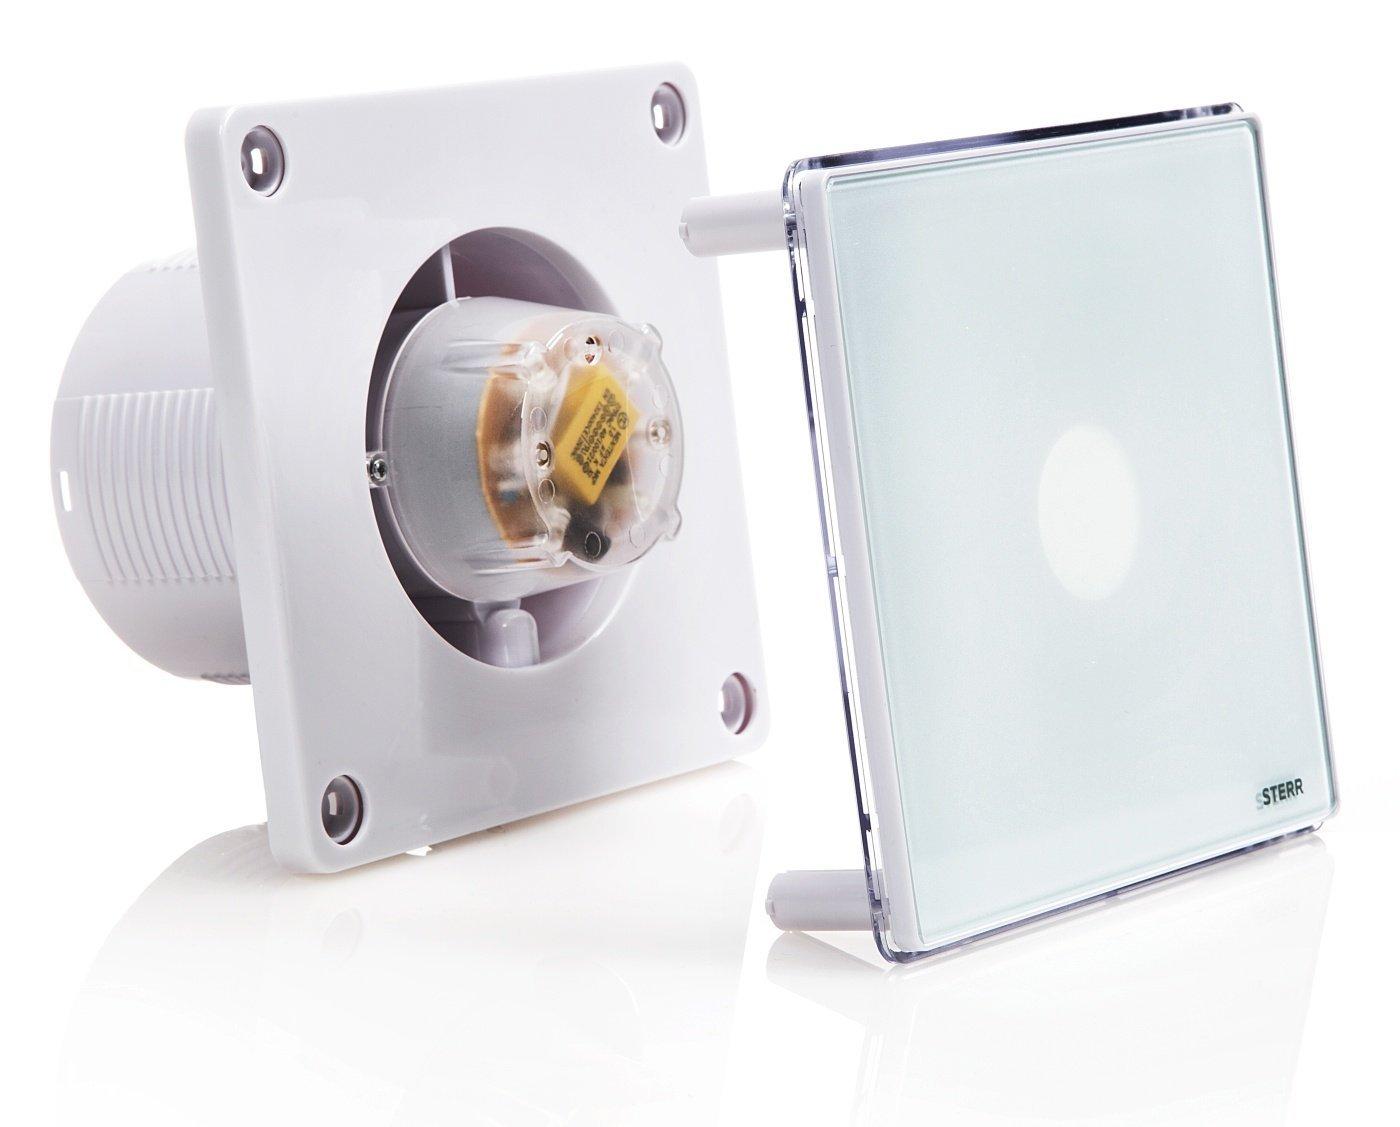 Sterr aspiratore per bagno con retroilluminazione led e timer